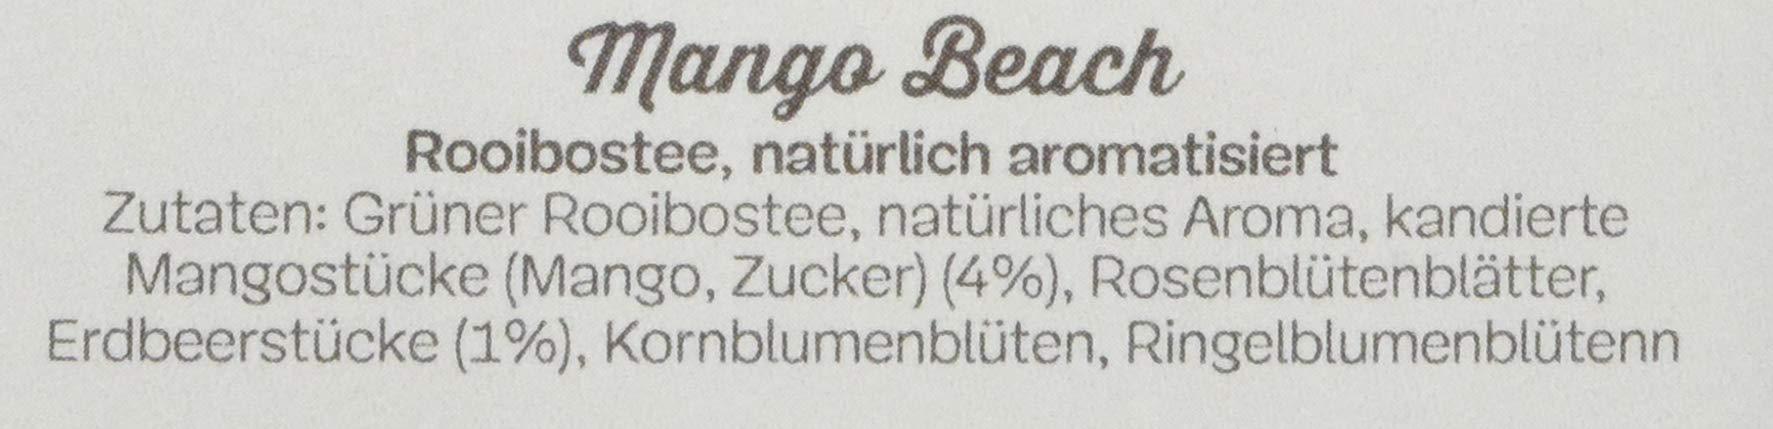 Pi-Tea-Mango-Beach-Dose-Rooibostee-Teestation-natrlich-und-vegan-2er-Pack-2-x-75-g